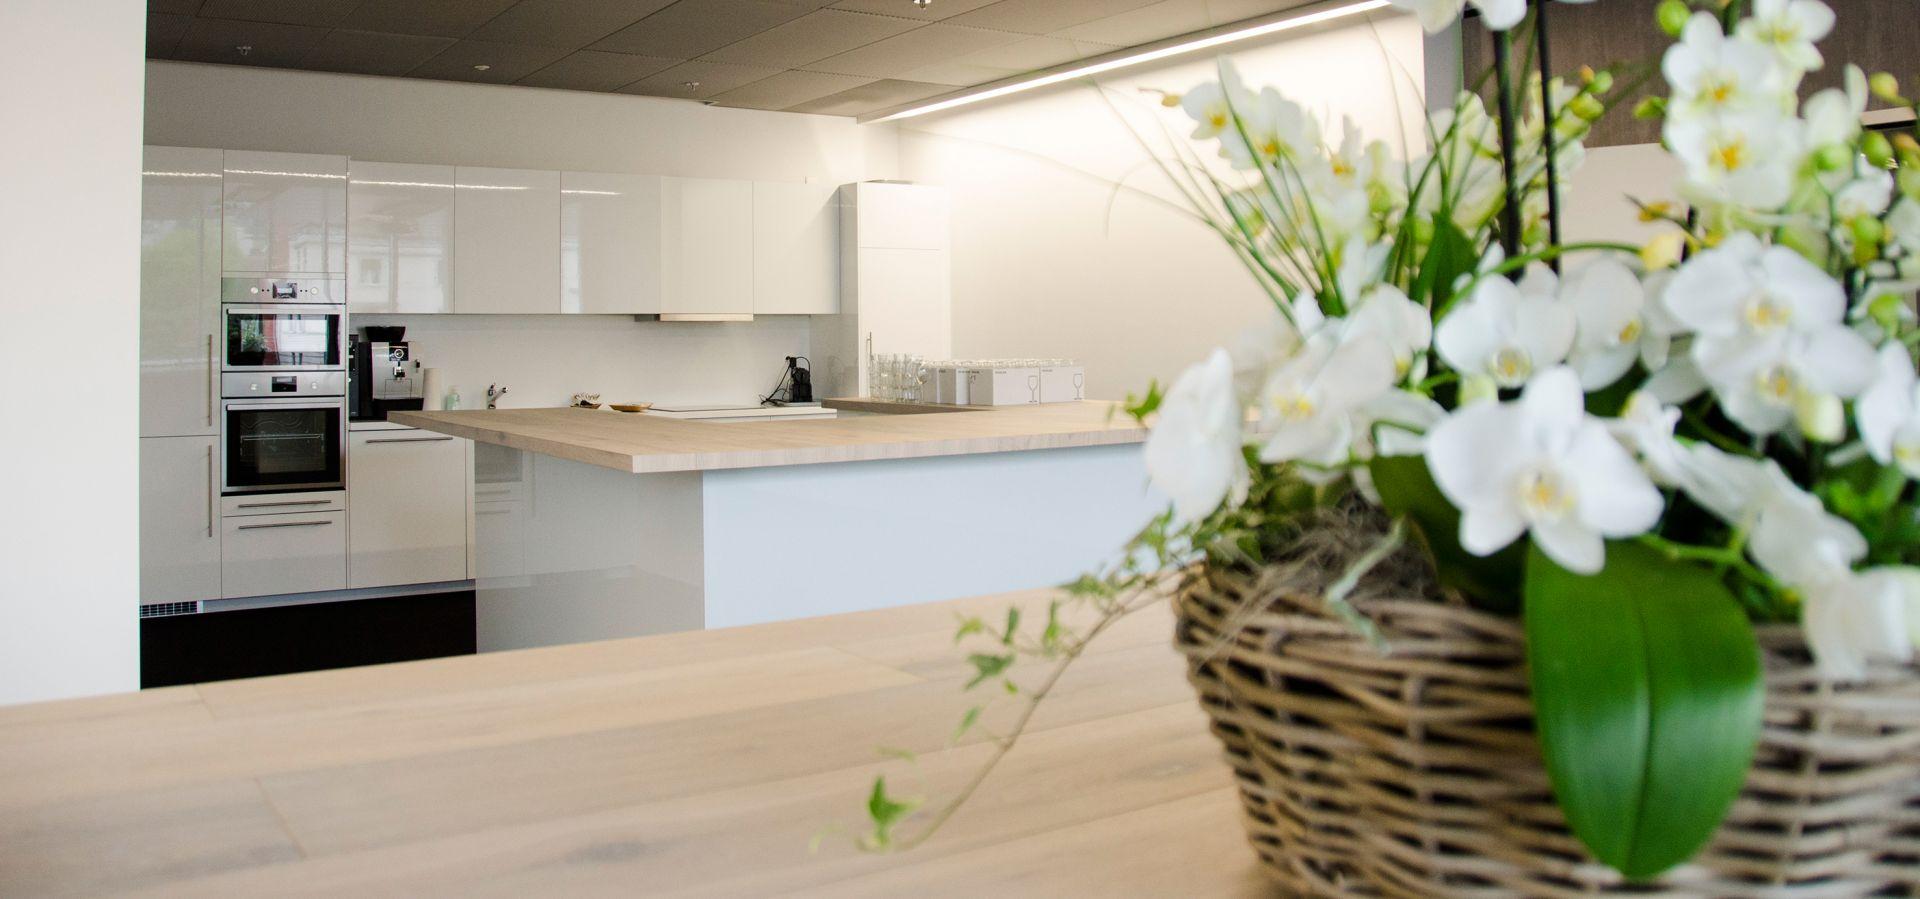 REDSPACE - startup space, Zurich